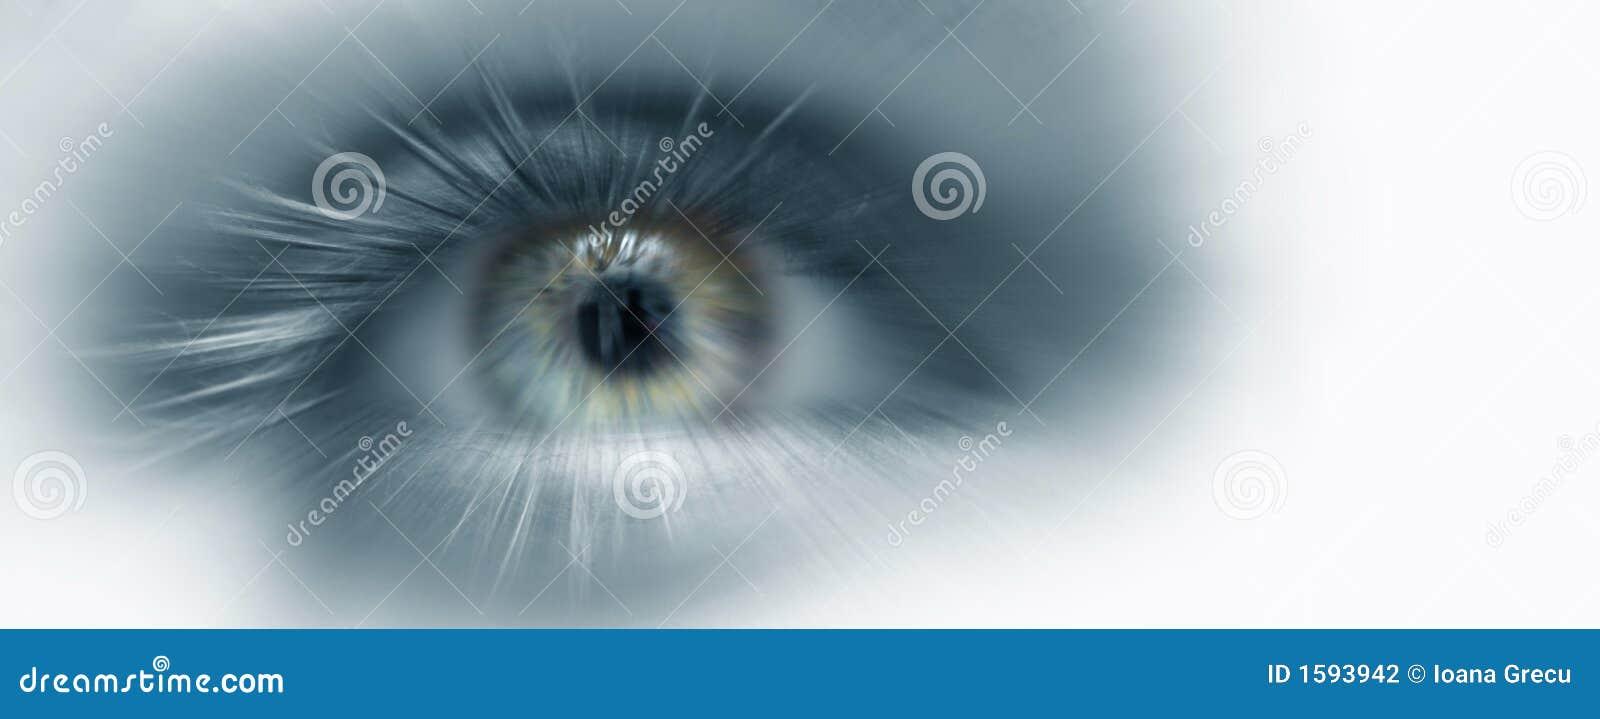 De toekomstige visie van het oog